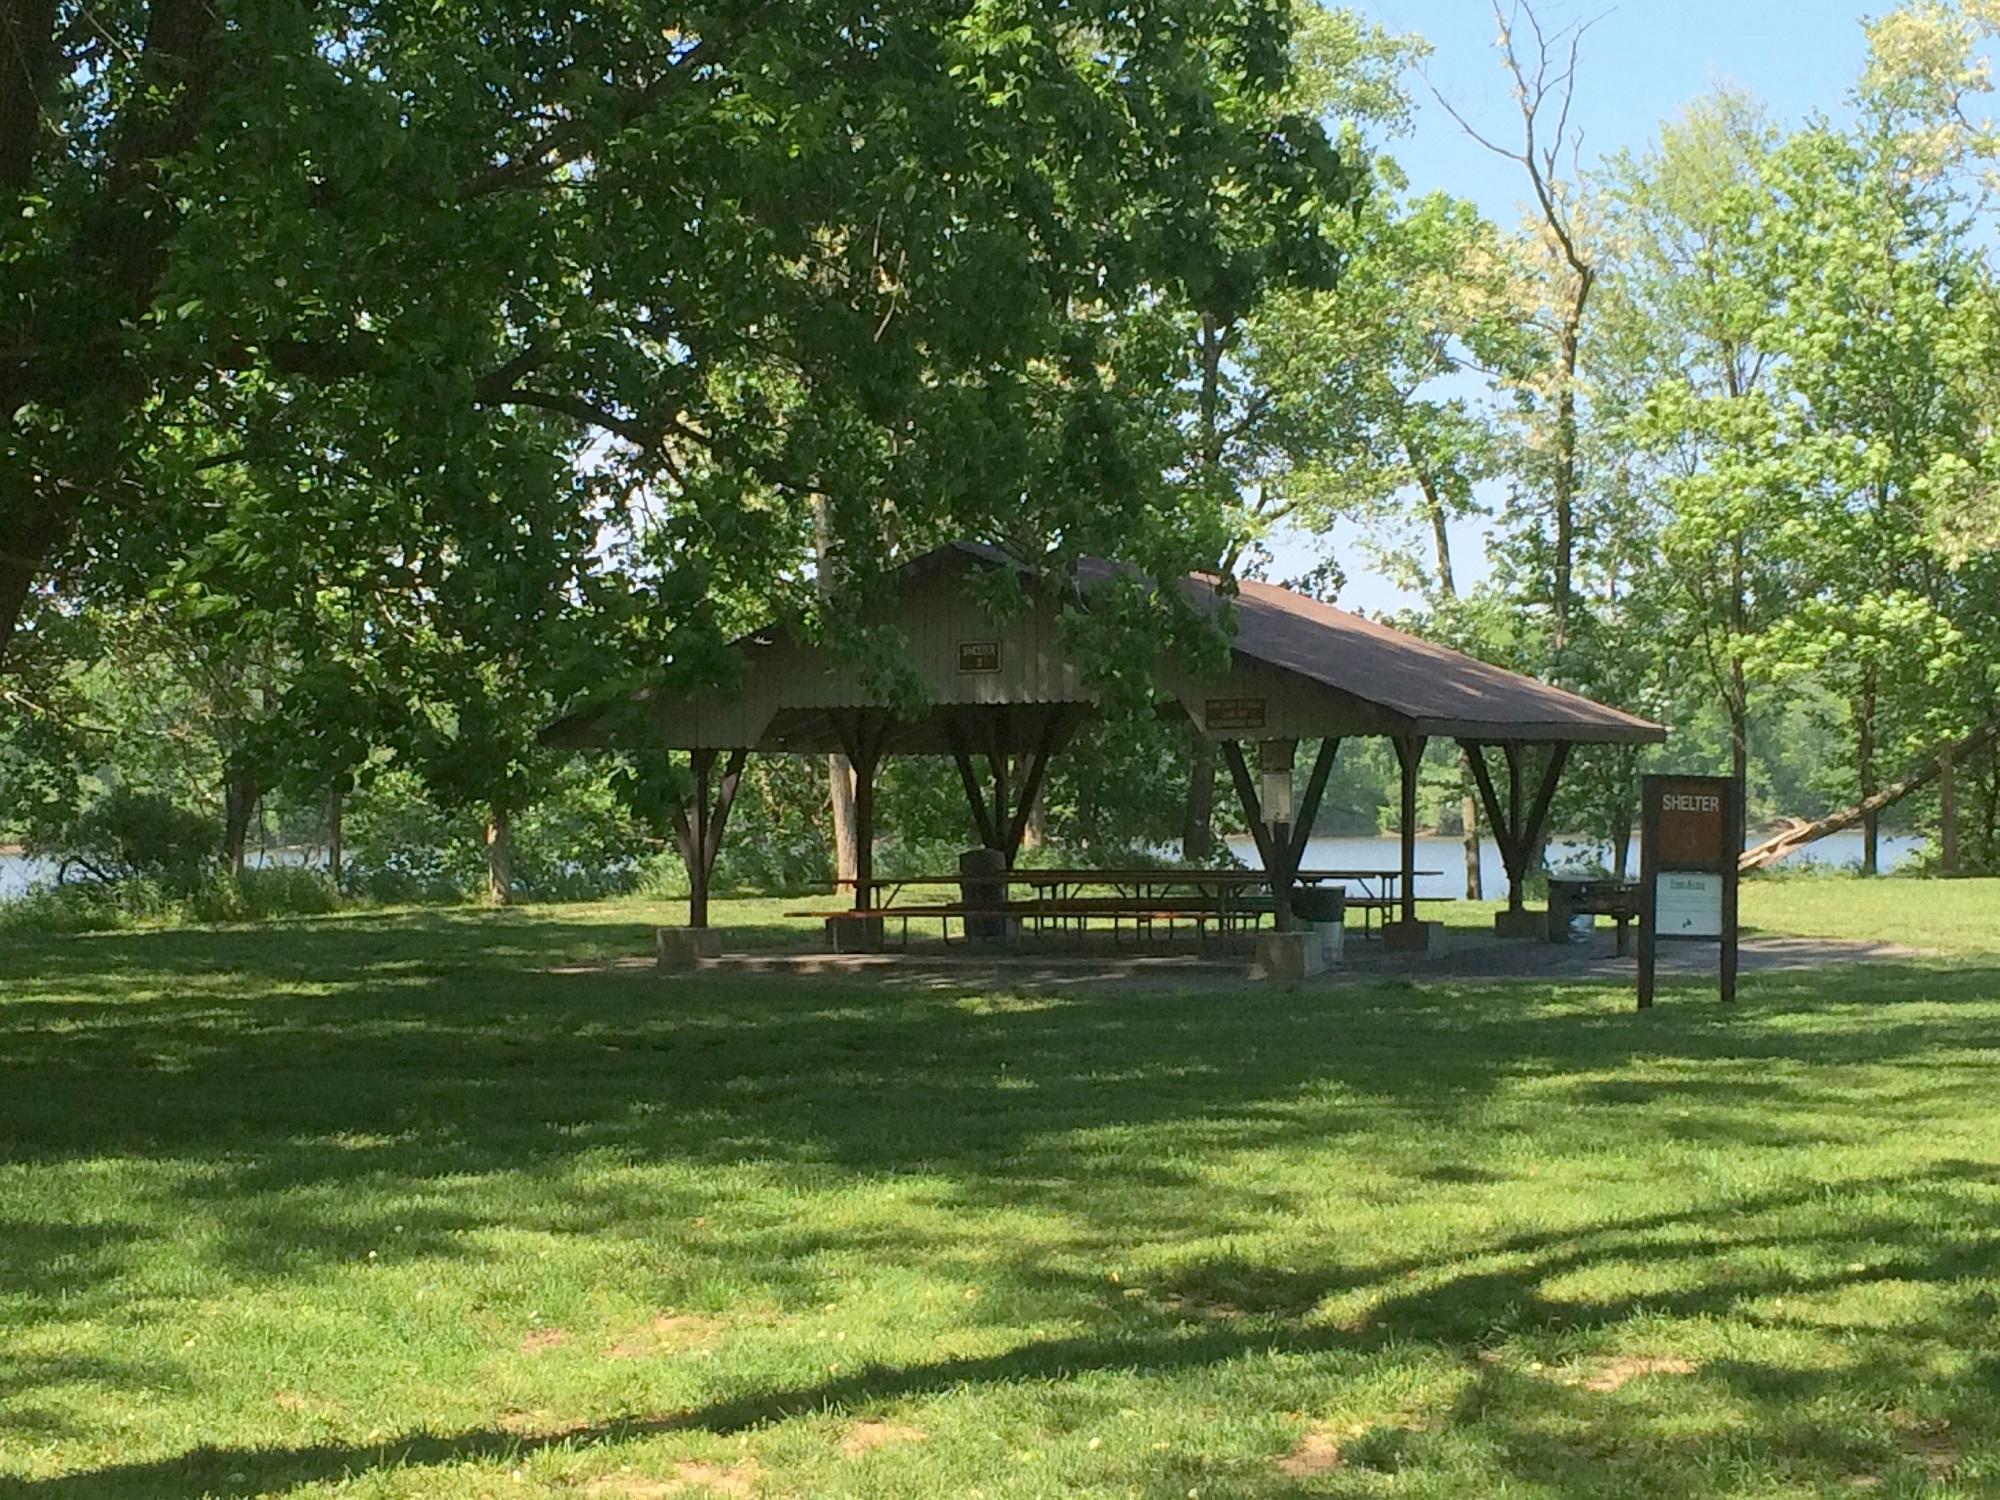 Algonkian Regional Park Shelter 3